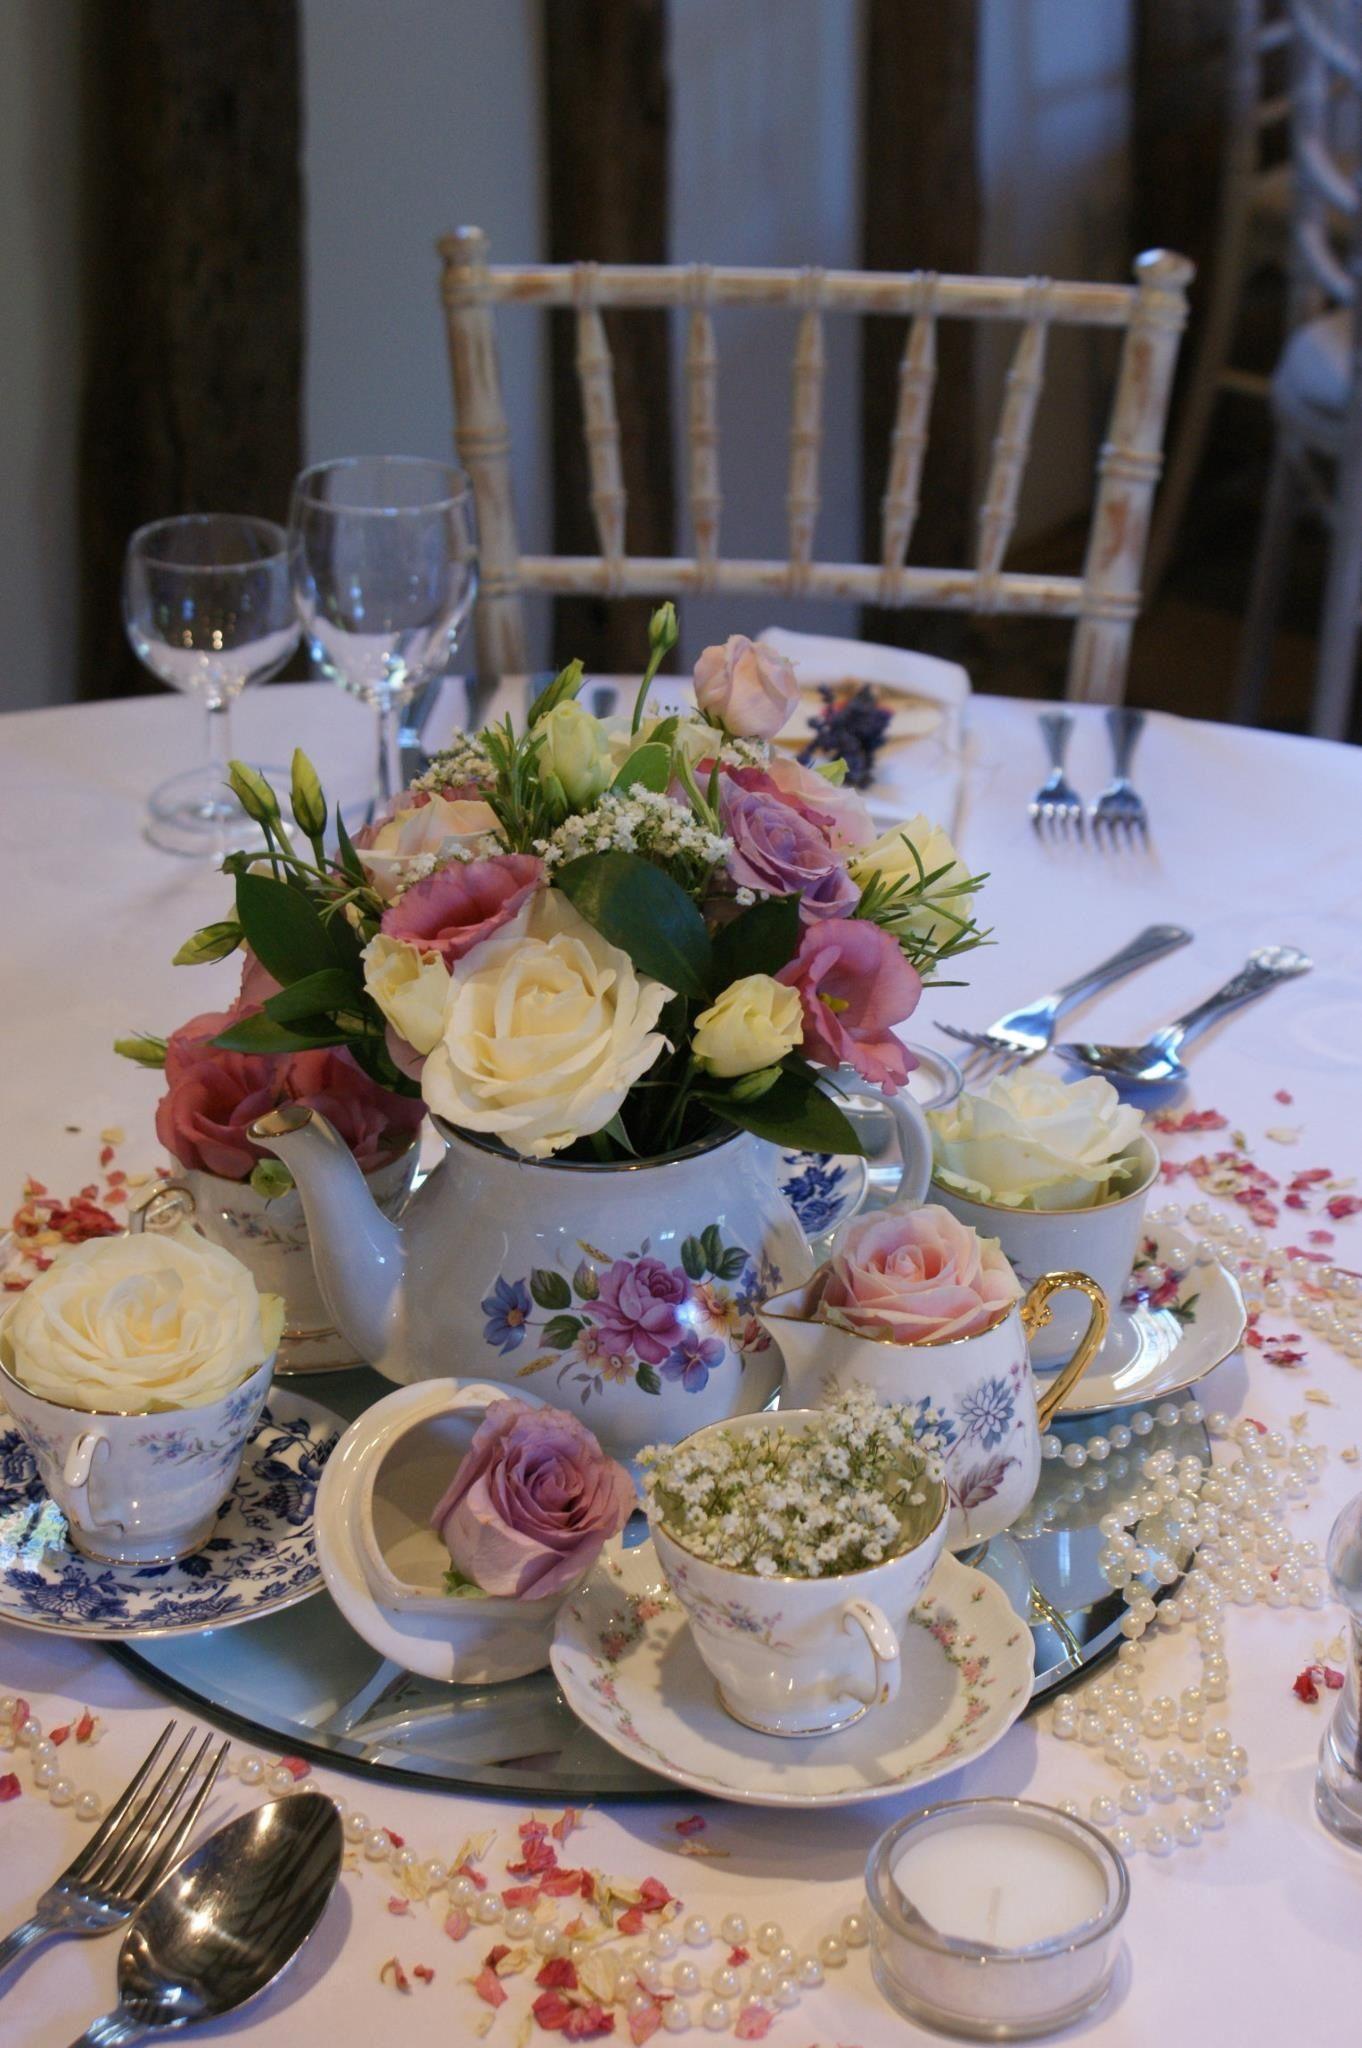 The Teacup Arrangement You Liked X Vintage Tea Parties Tea Party Centerpieces Tea Party Table